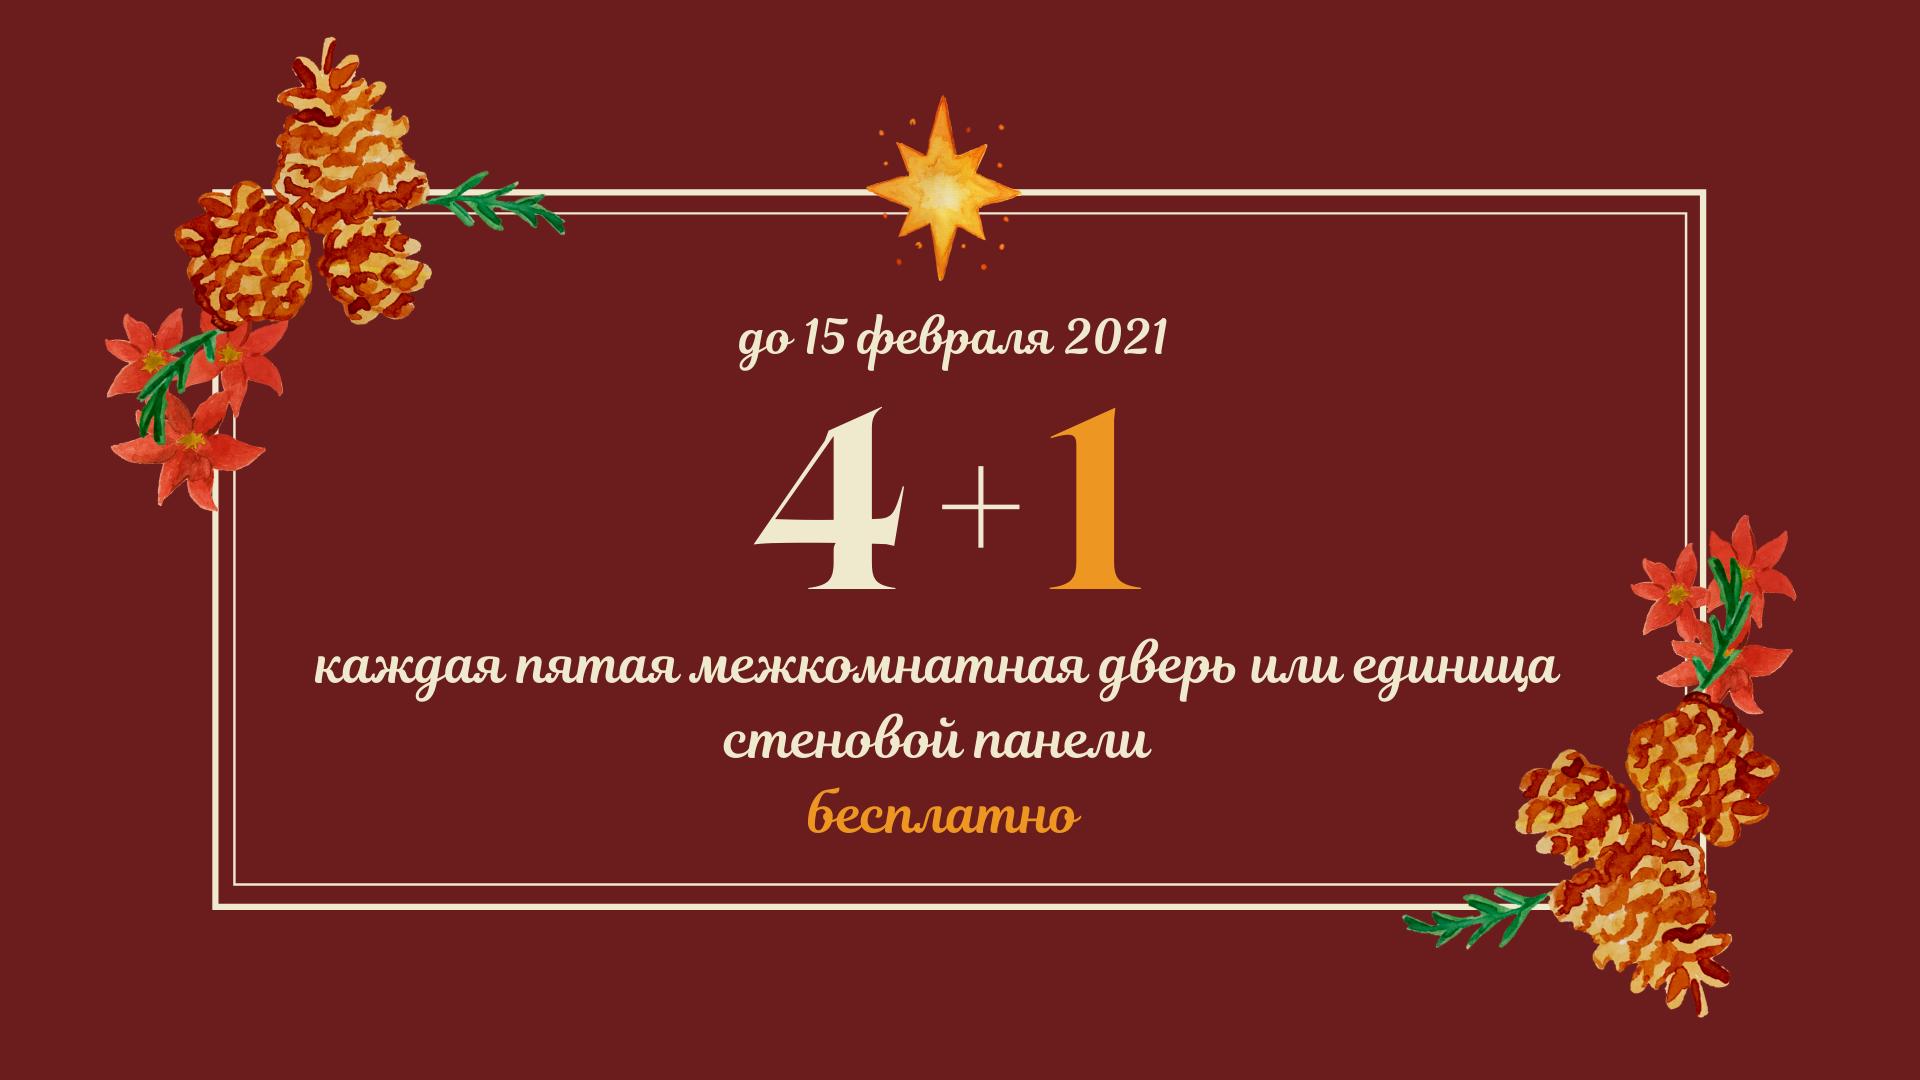 do_15_fevralya_2021.png